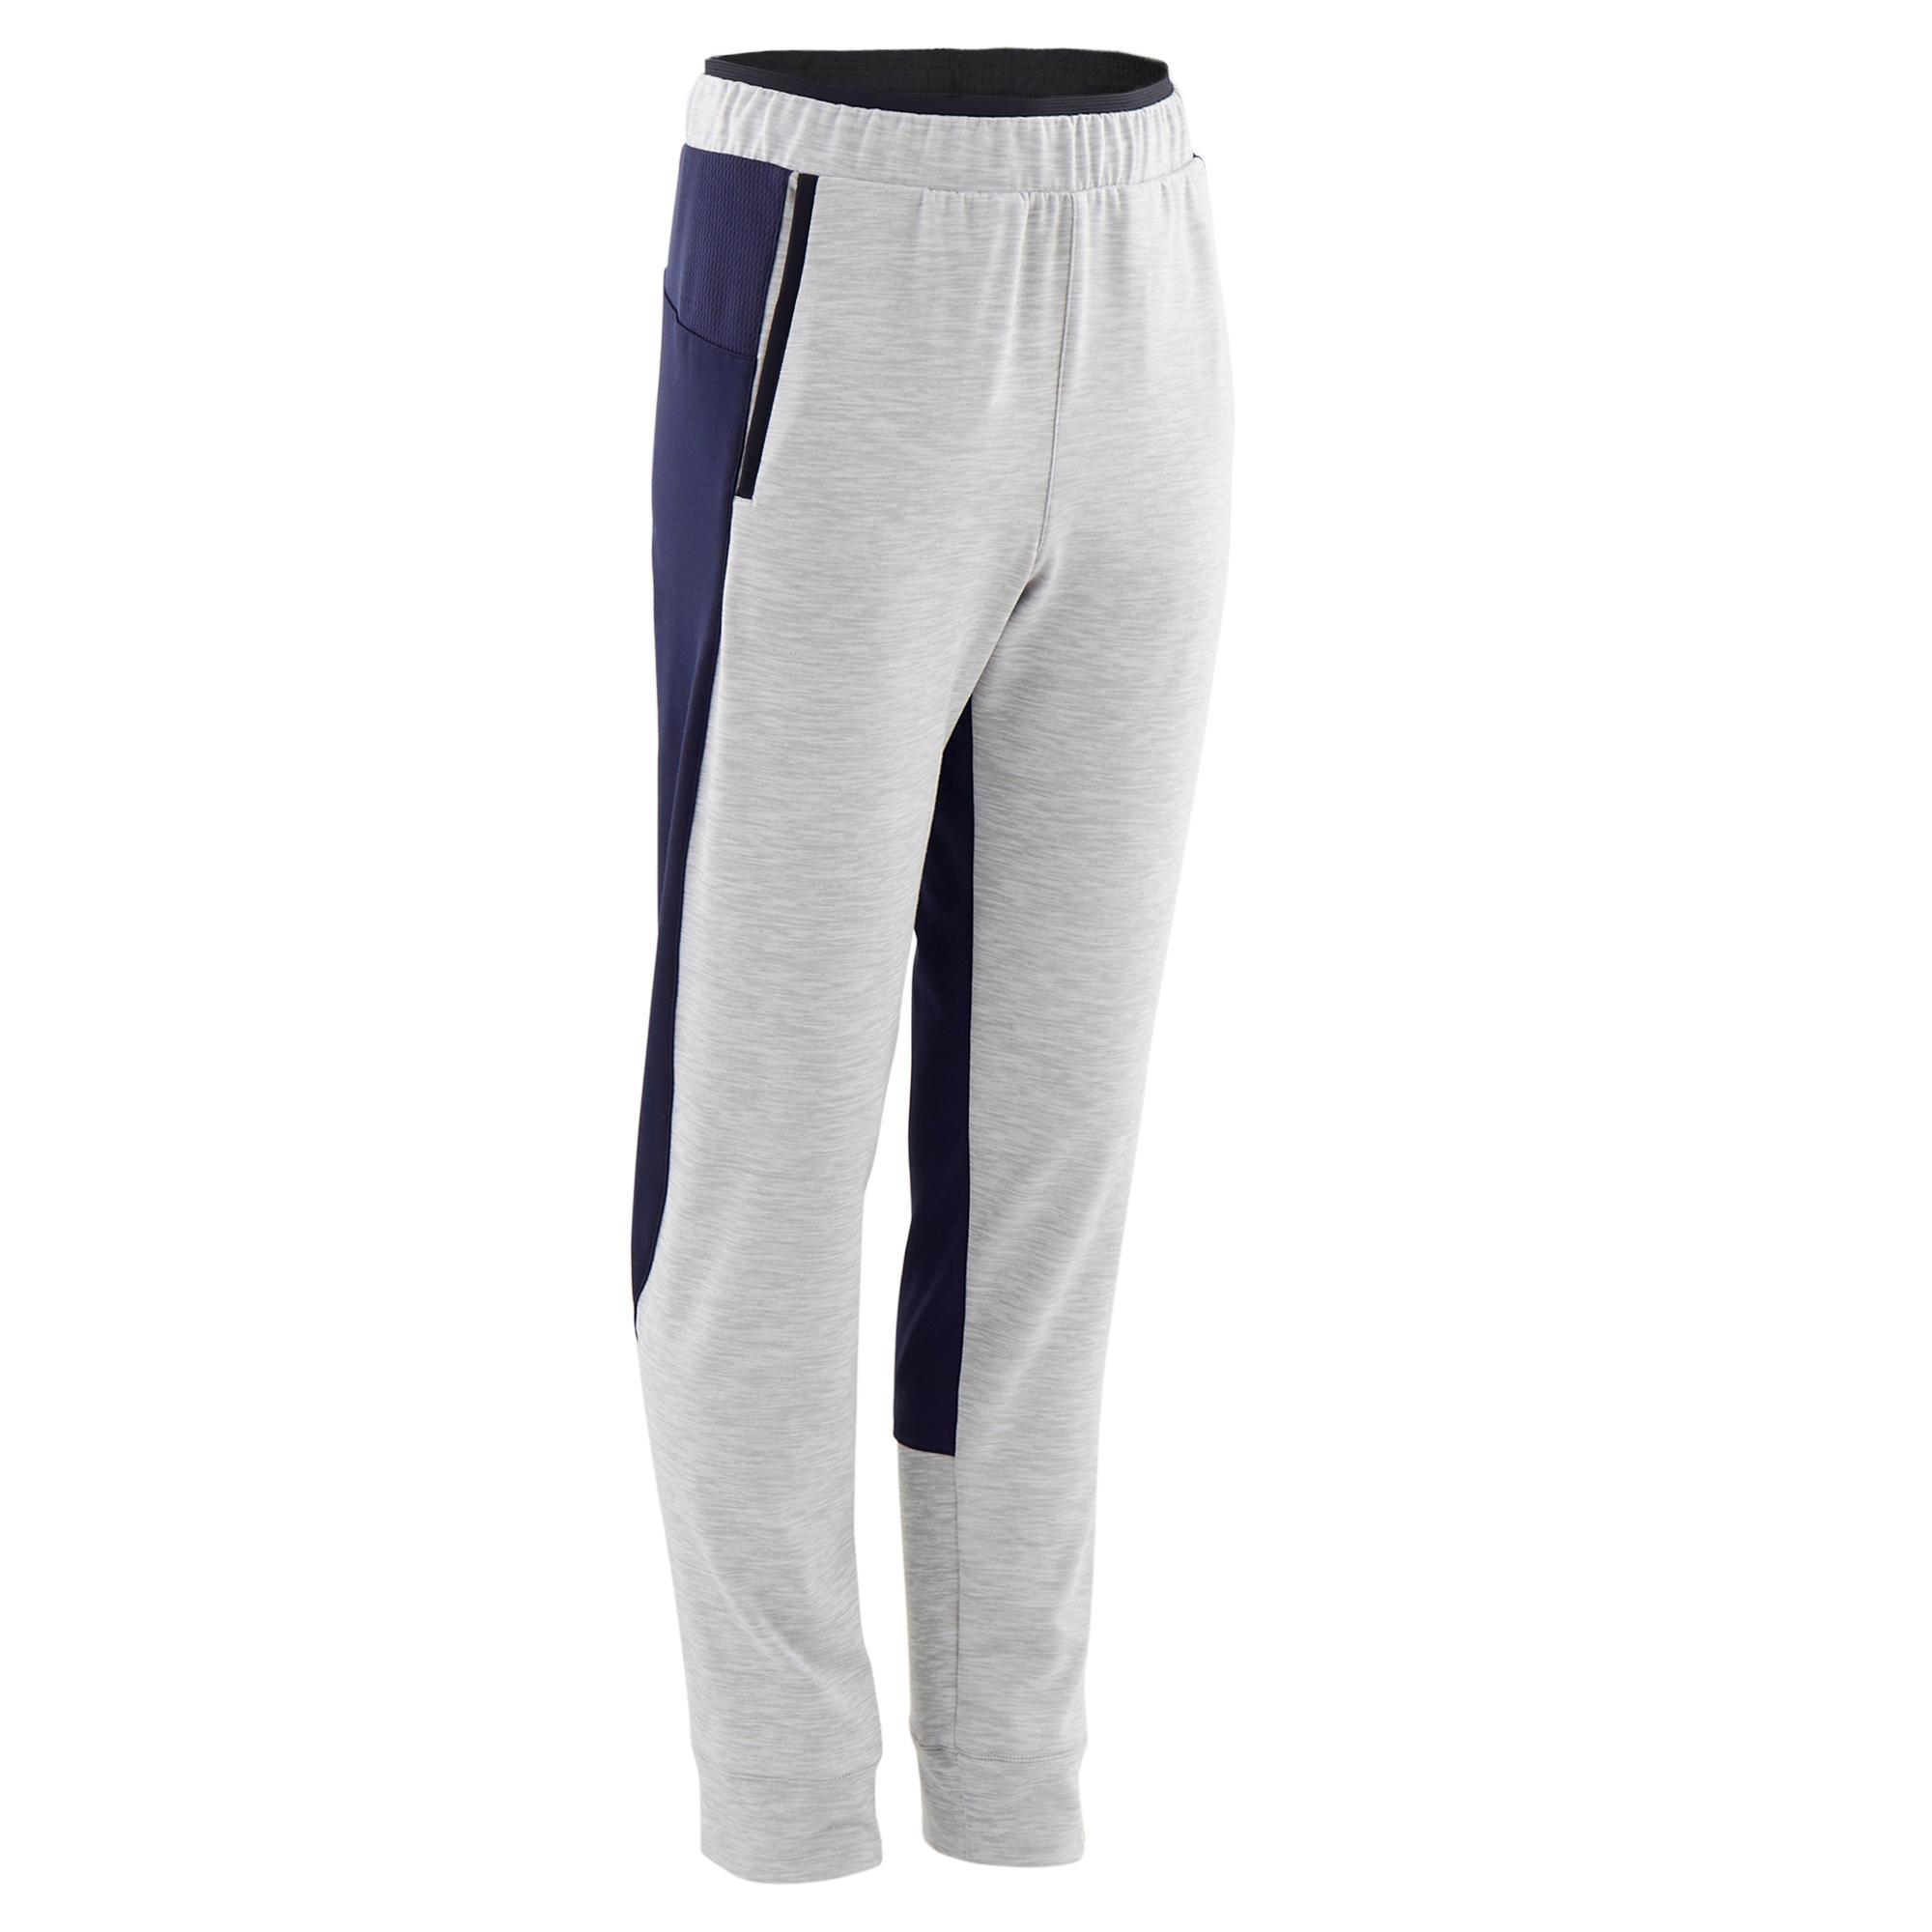 Pantalon S500 Băieți imagine